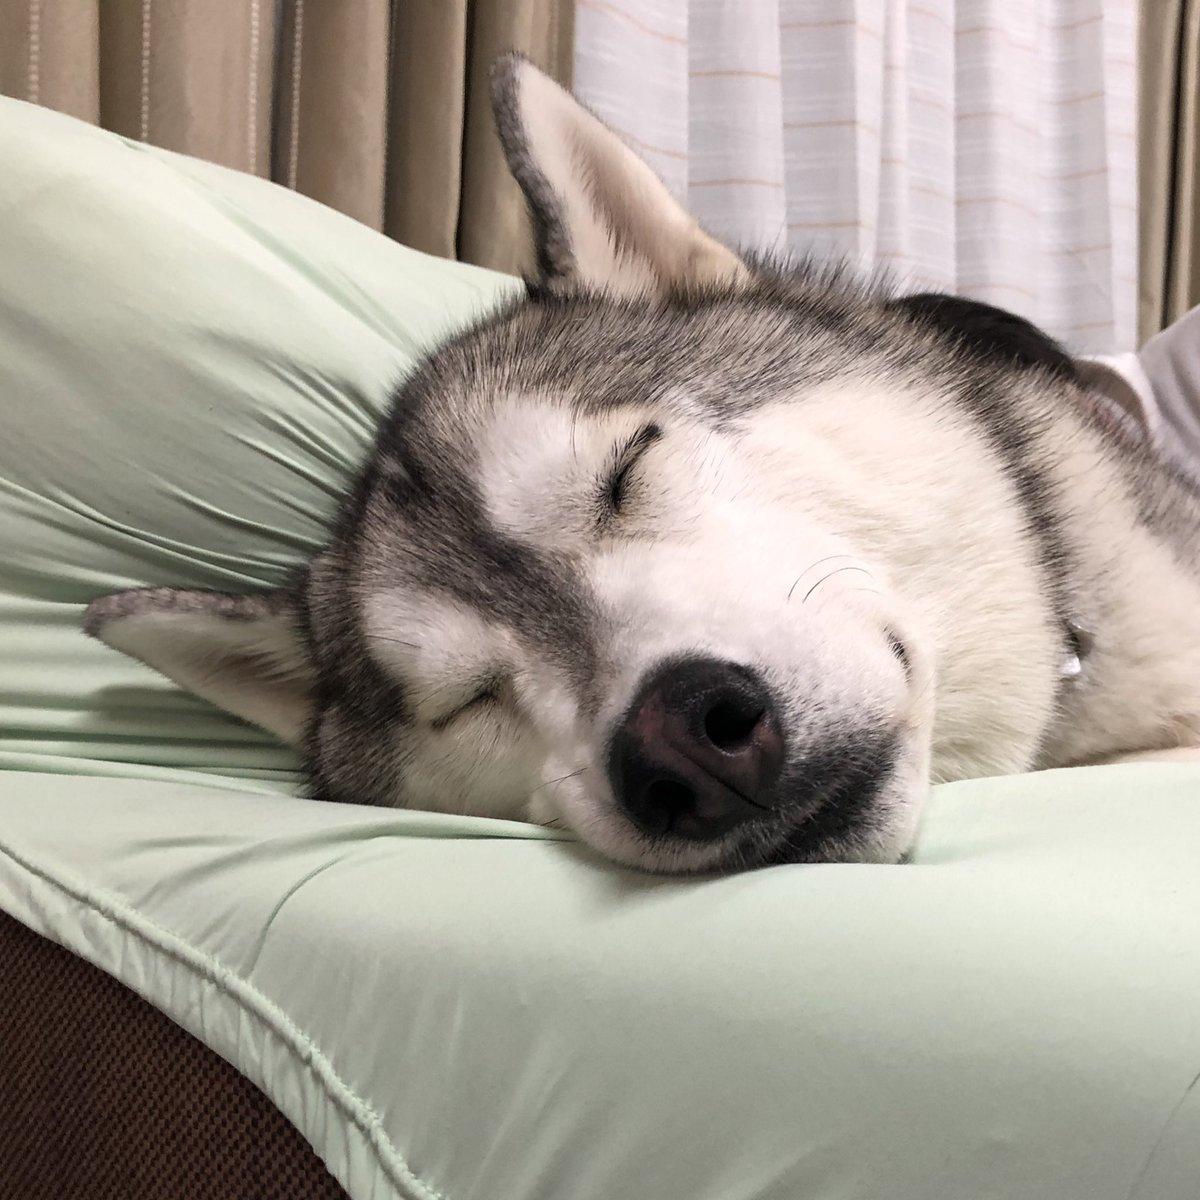 ニポくんとおシルその2!寝顔可愛いねぇ!